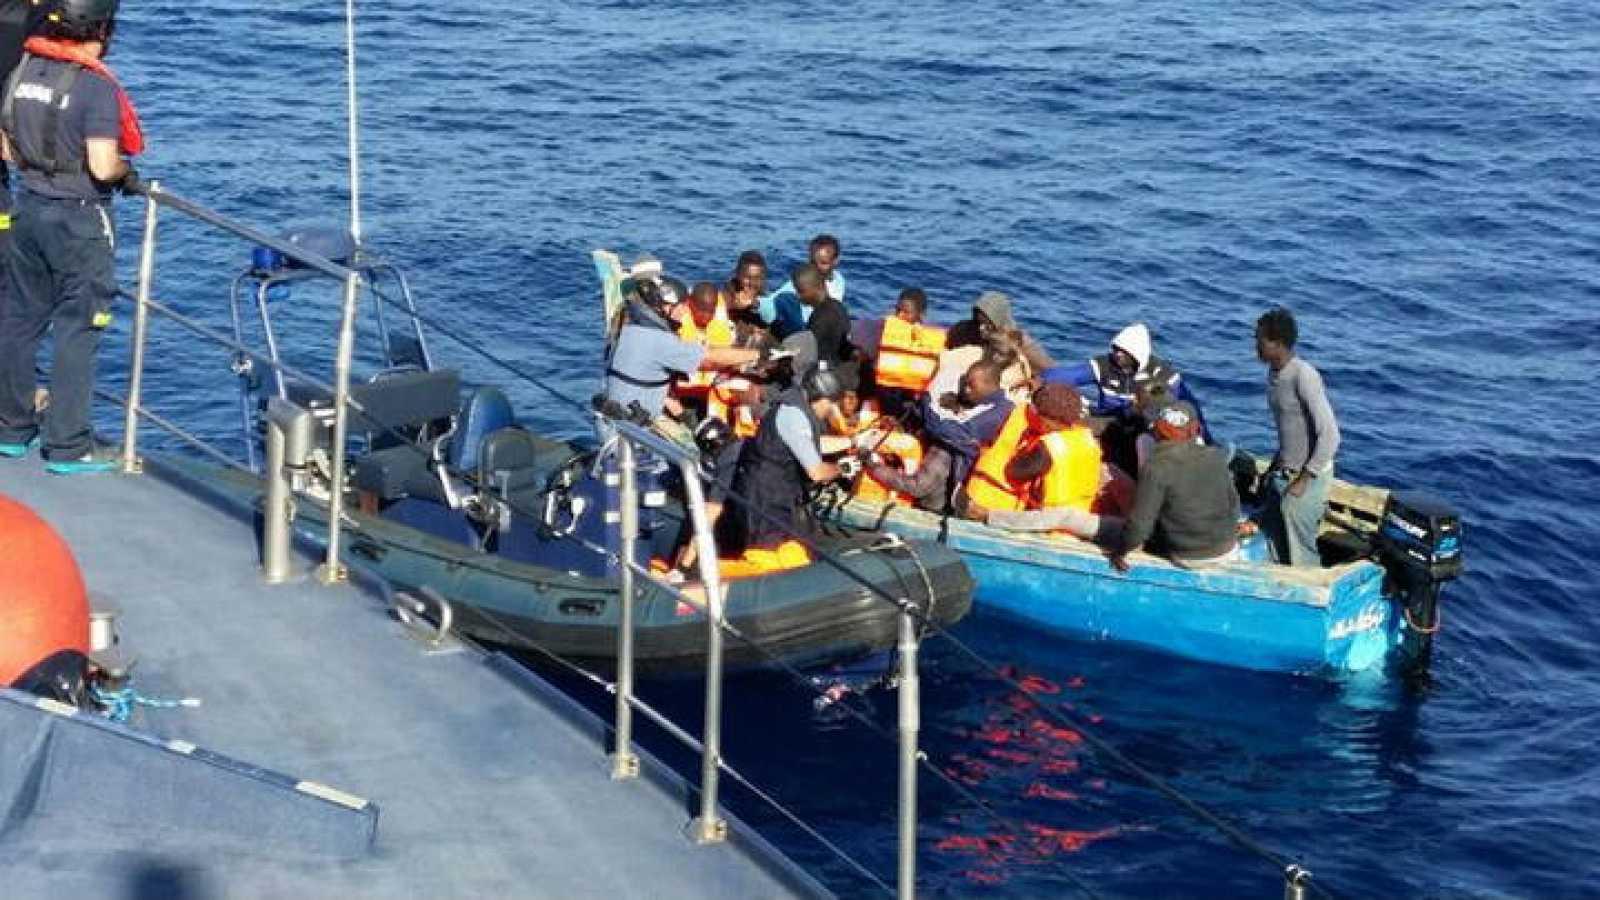 وصول المهاجرين إلى جزر الكناري